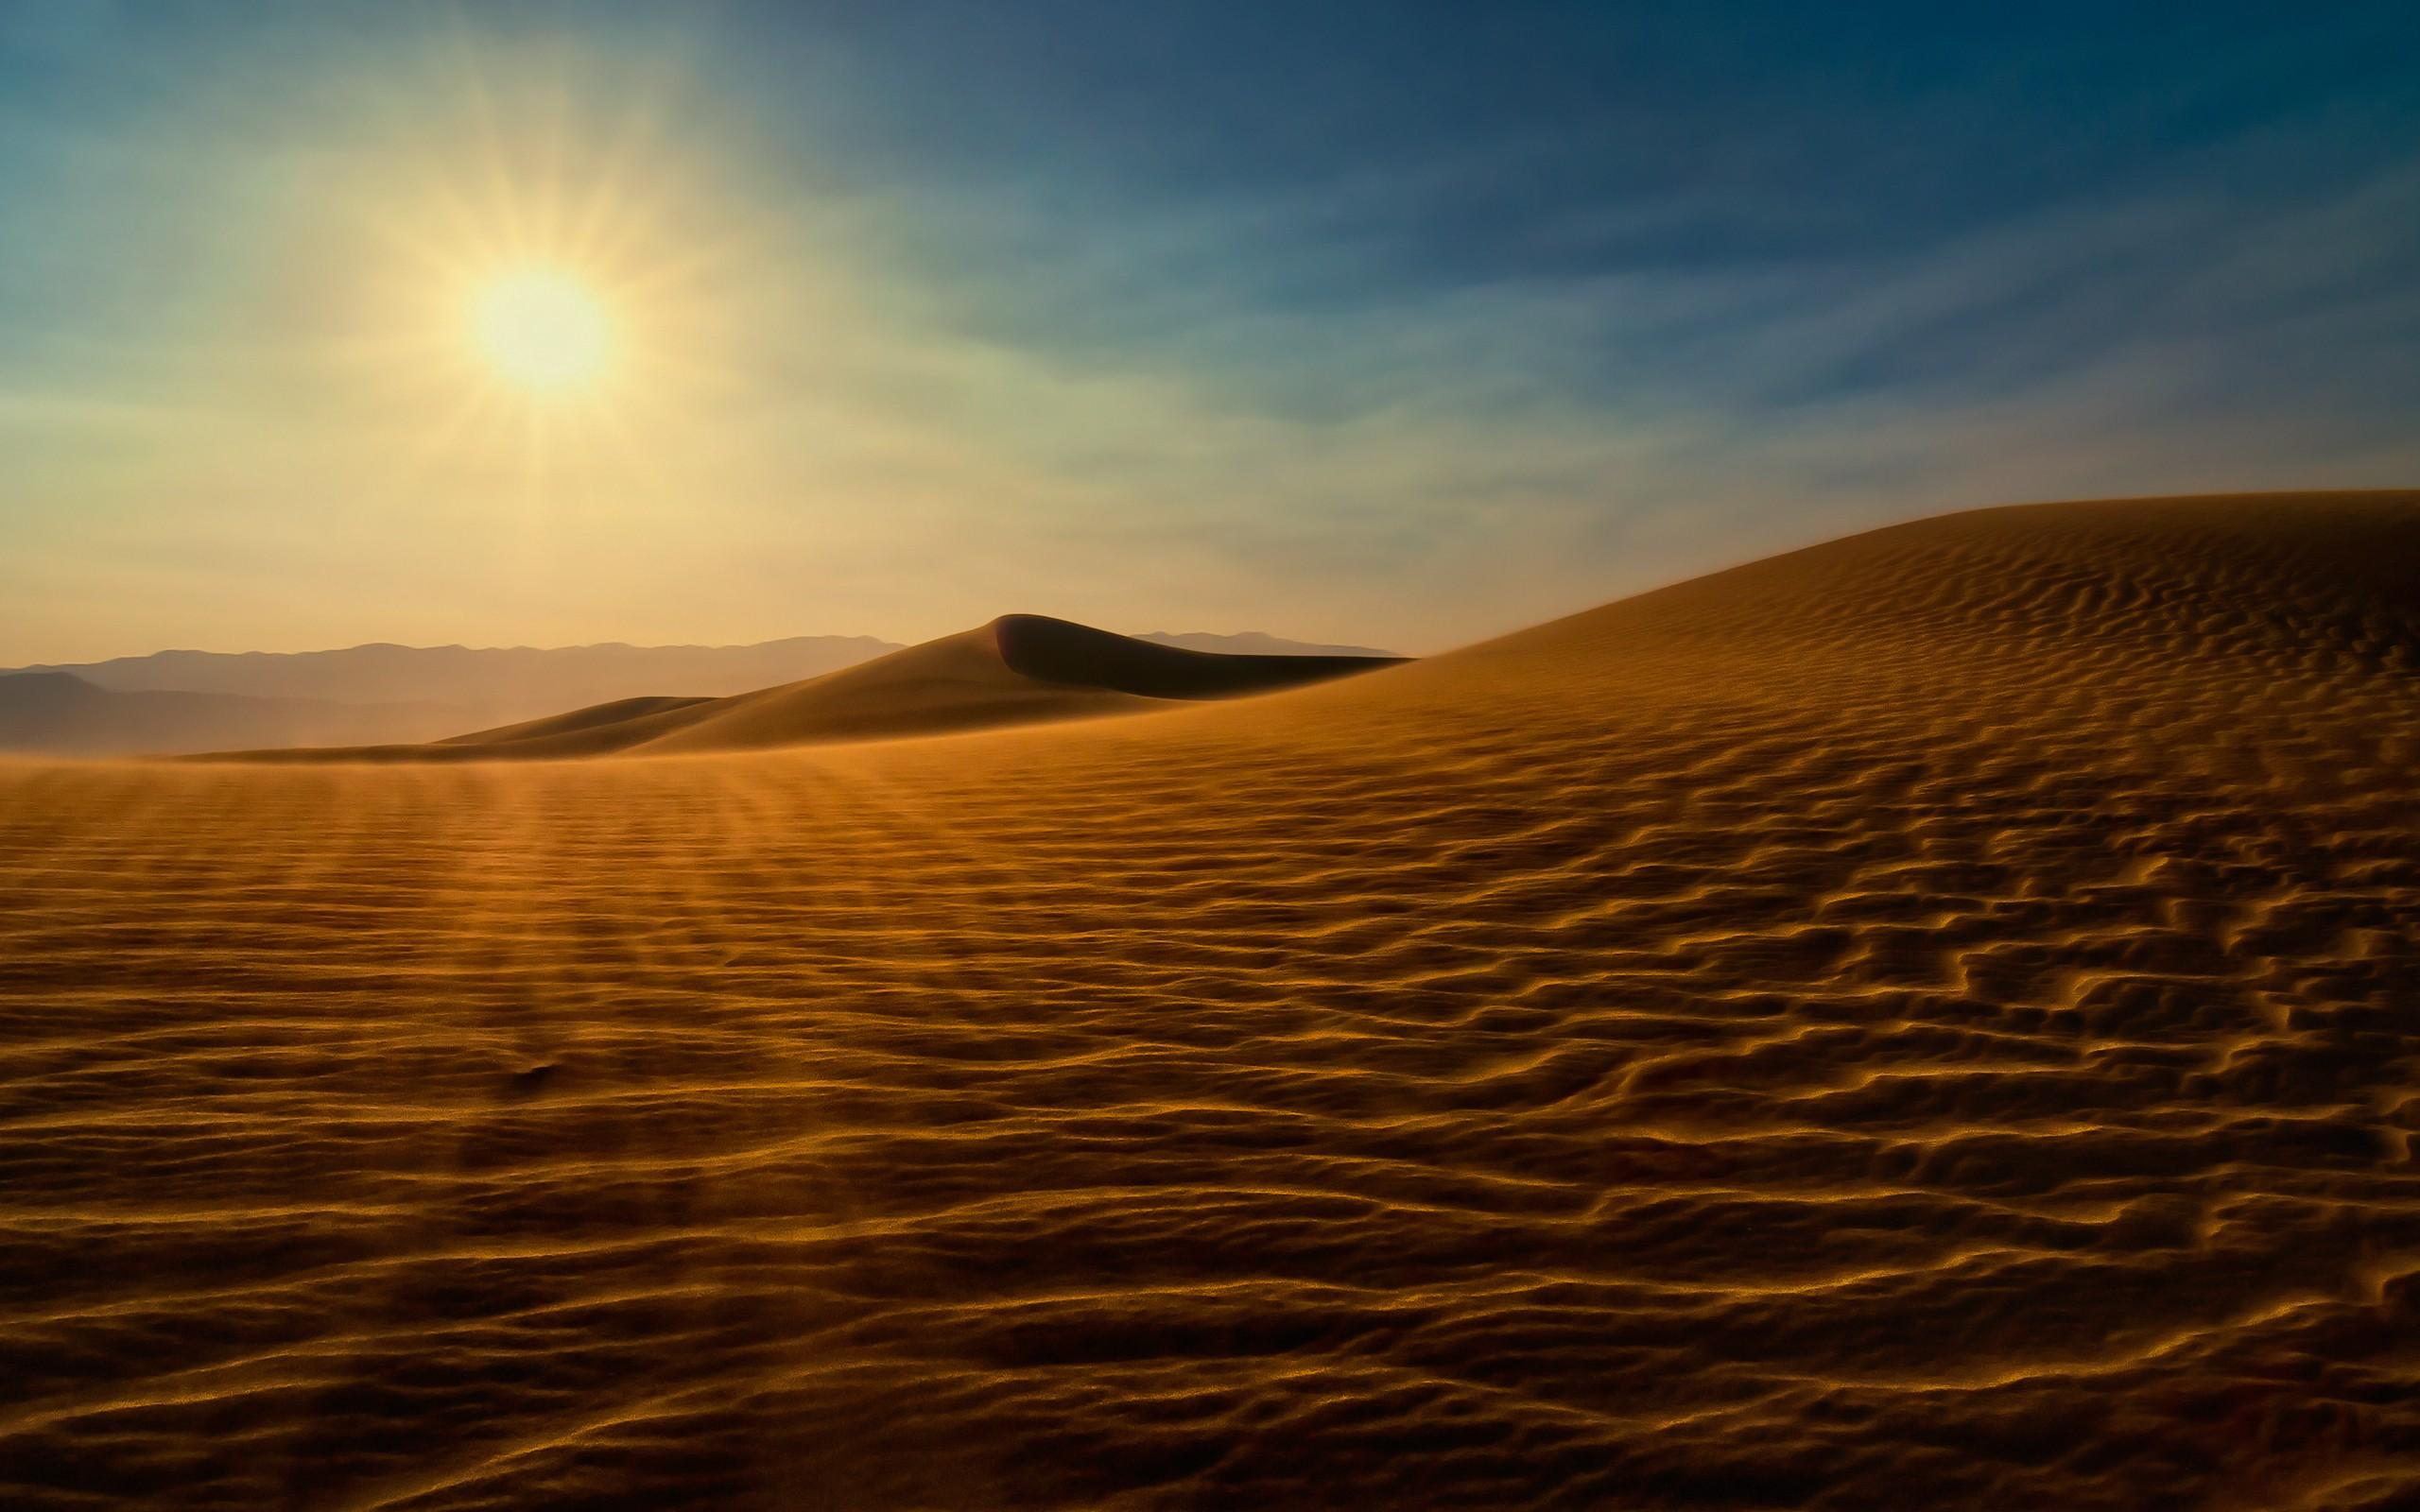 Puesta de sol en un desierto - 2560x1600